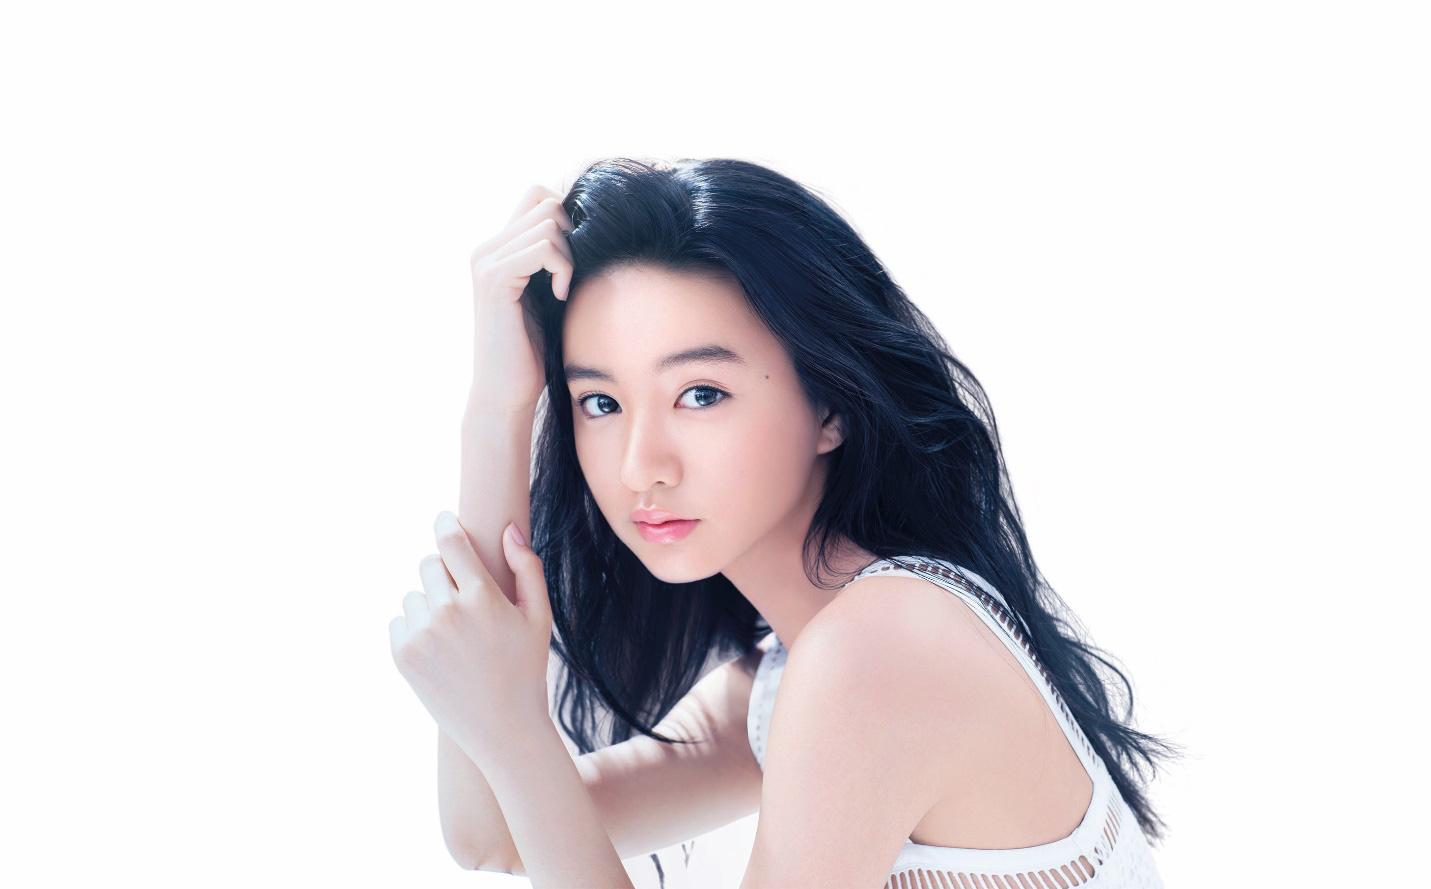 """Nhan sắc đỉnh cao như con gái """"Đệ nhất mỹ nam Nhật Bản"""": Mặt mộc vẫn đẹp lung linh - Ảnh 1."""